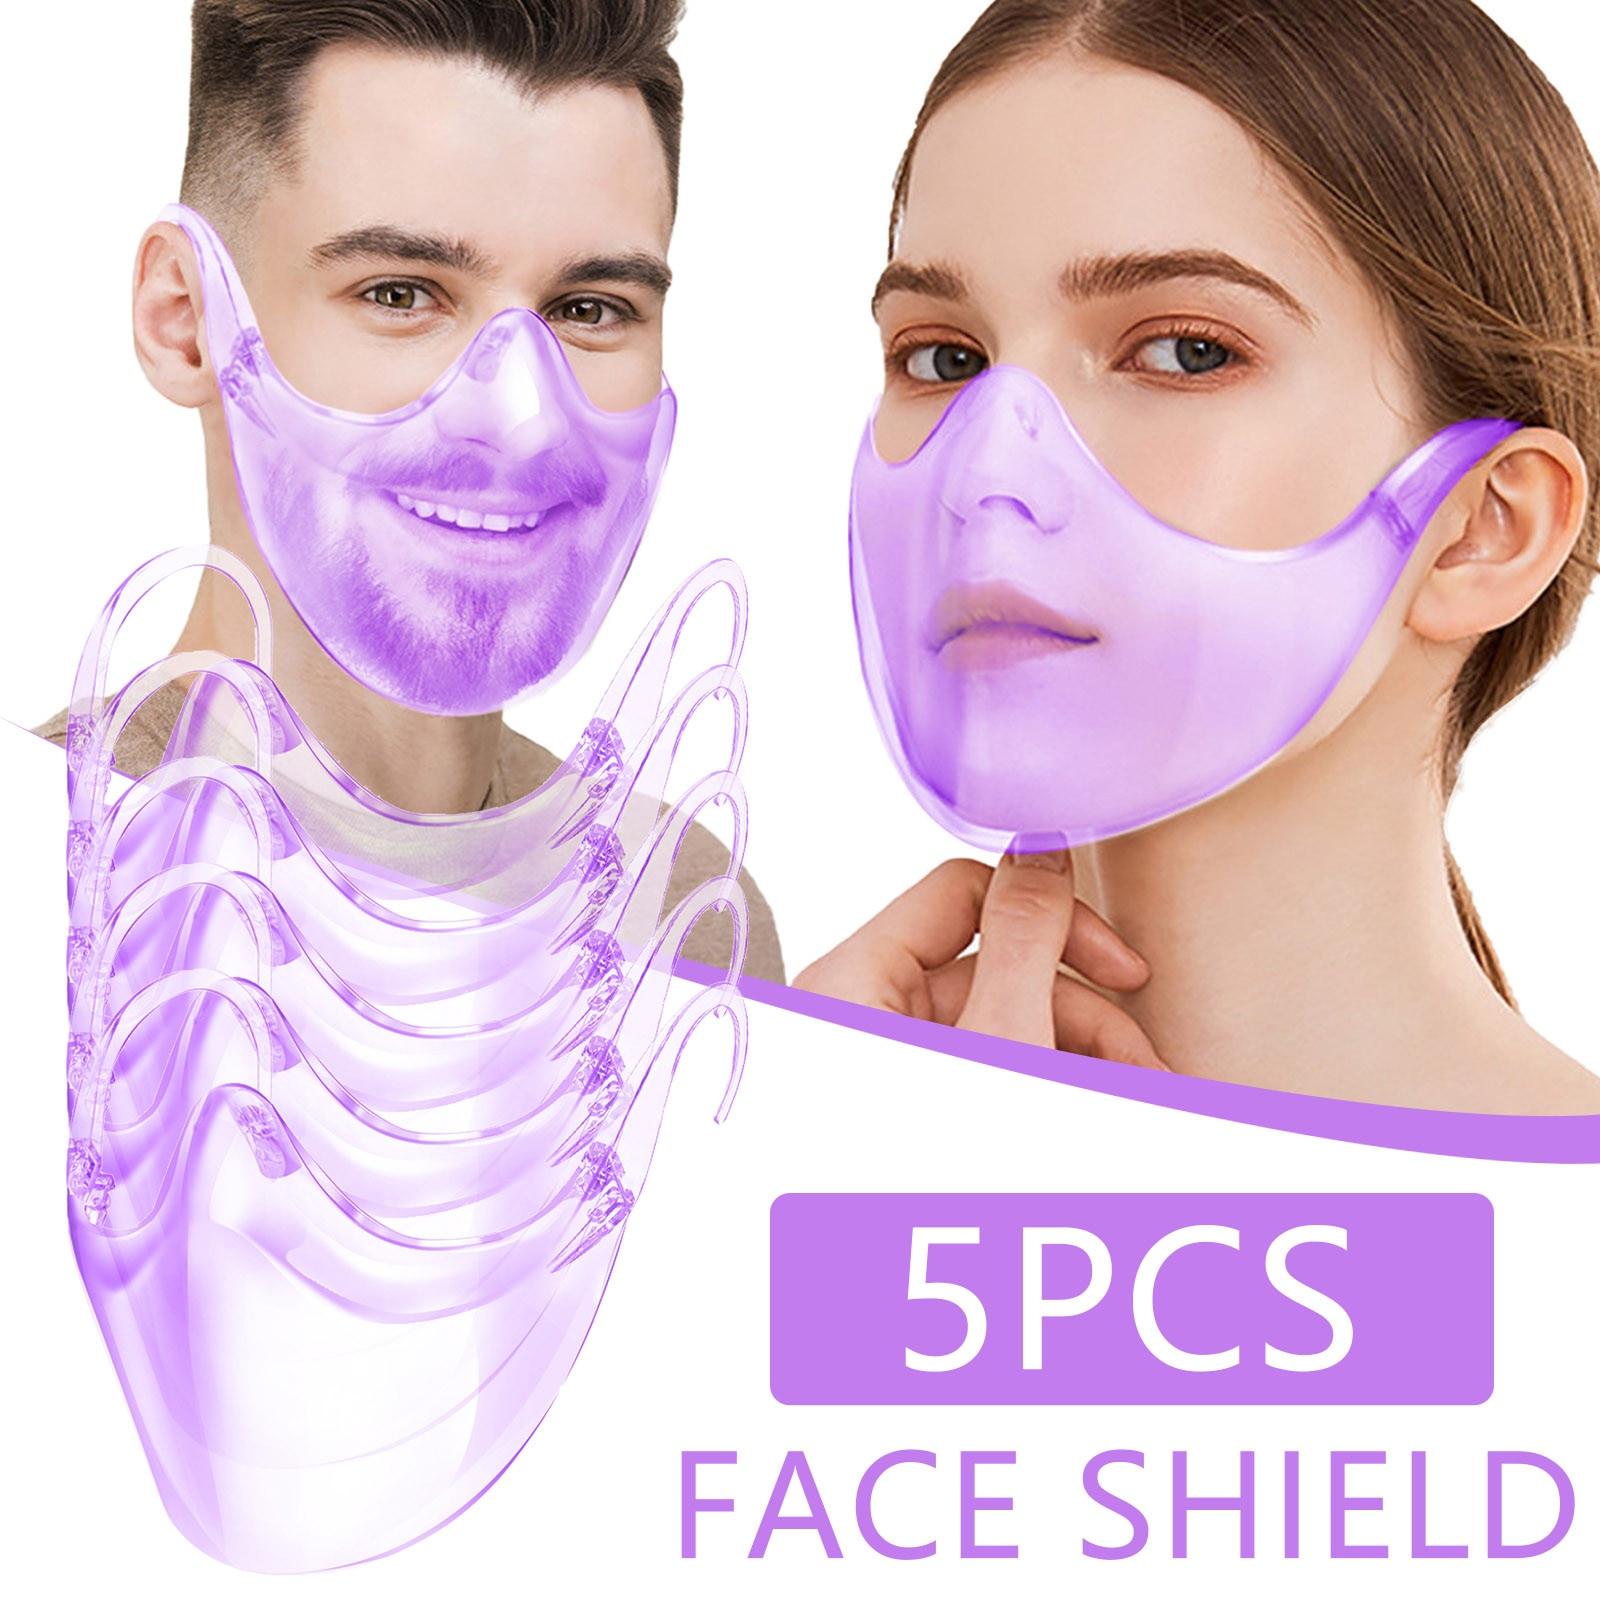 5 шт. прозрачные колпачки для рта прочная маска для лица комбинированная пластиковая многоразовая прозрачная маска для лица Защитная Прозрачная крышка для рта Mascarilla|Маска для велоспорта| | АлиЭкспресс